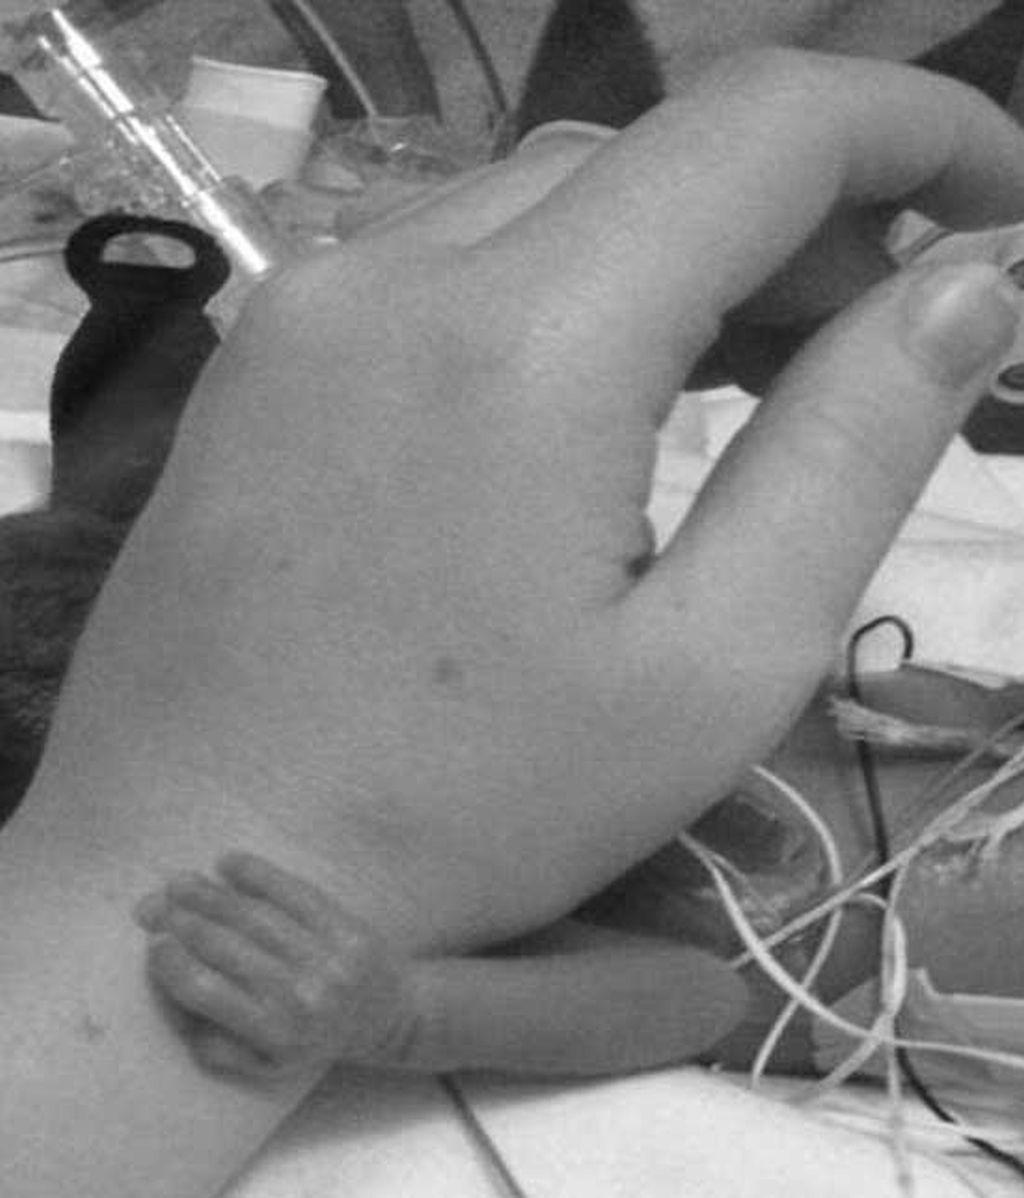 El bebé prematuro que agarra a la enfermera